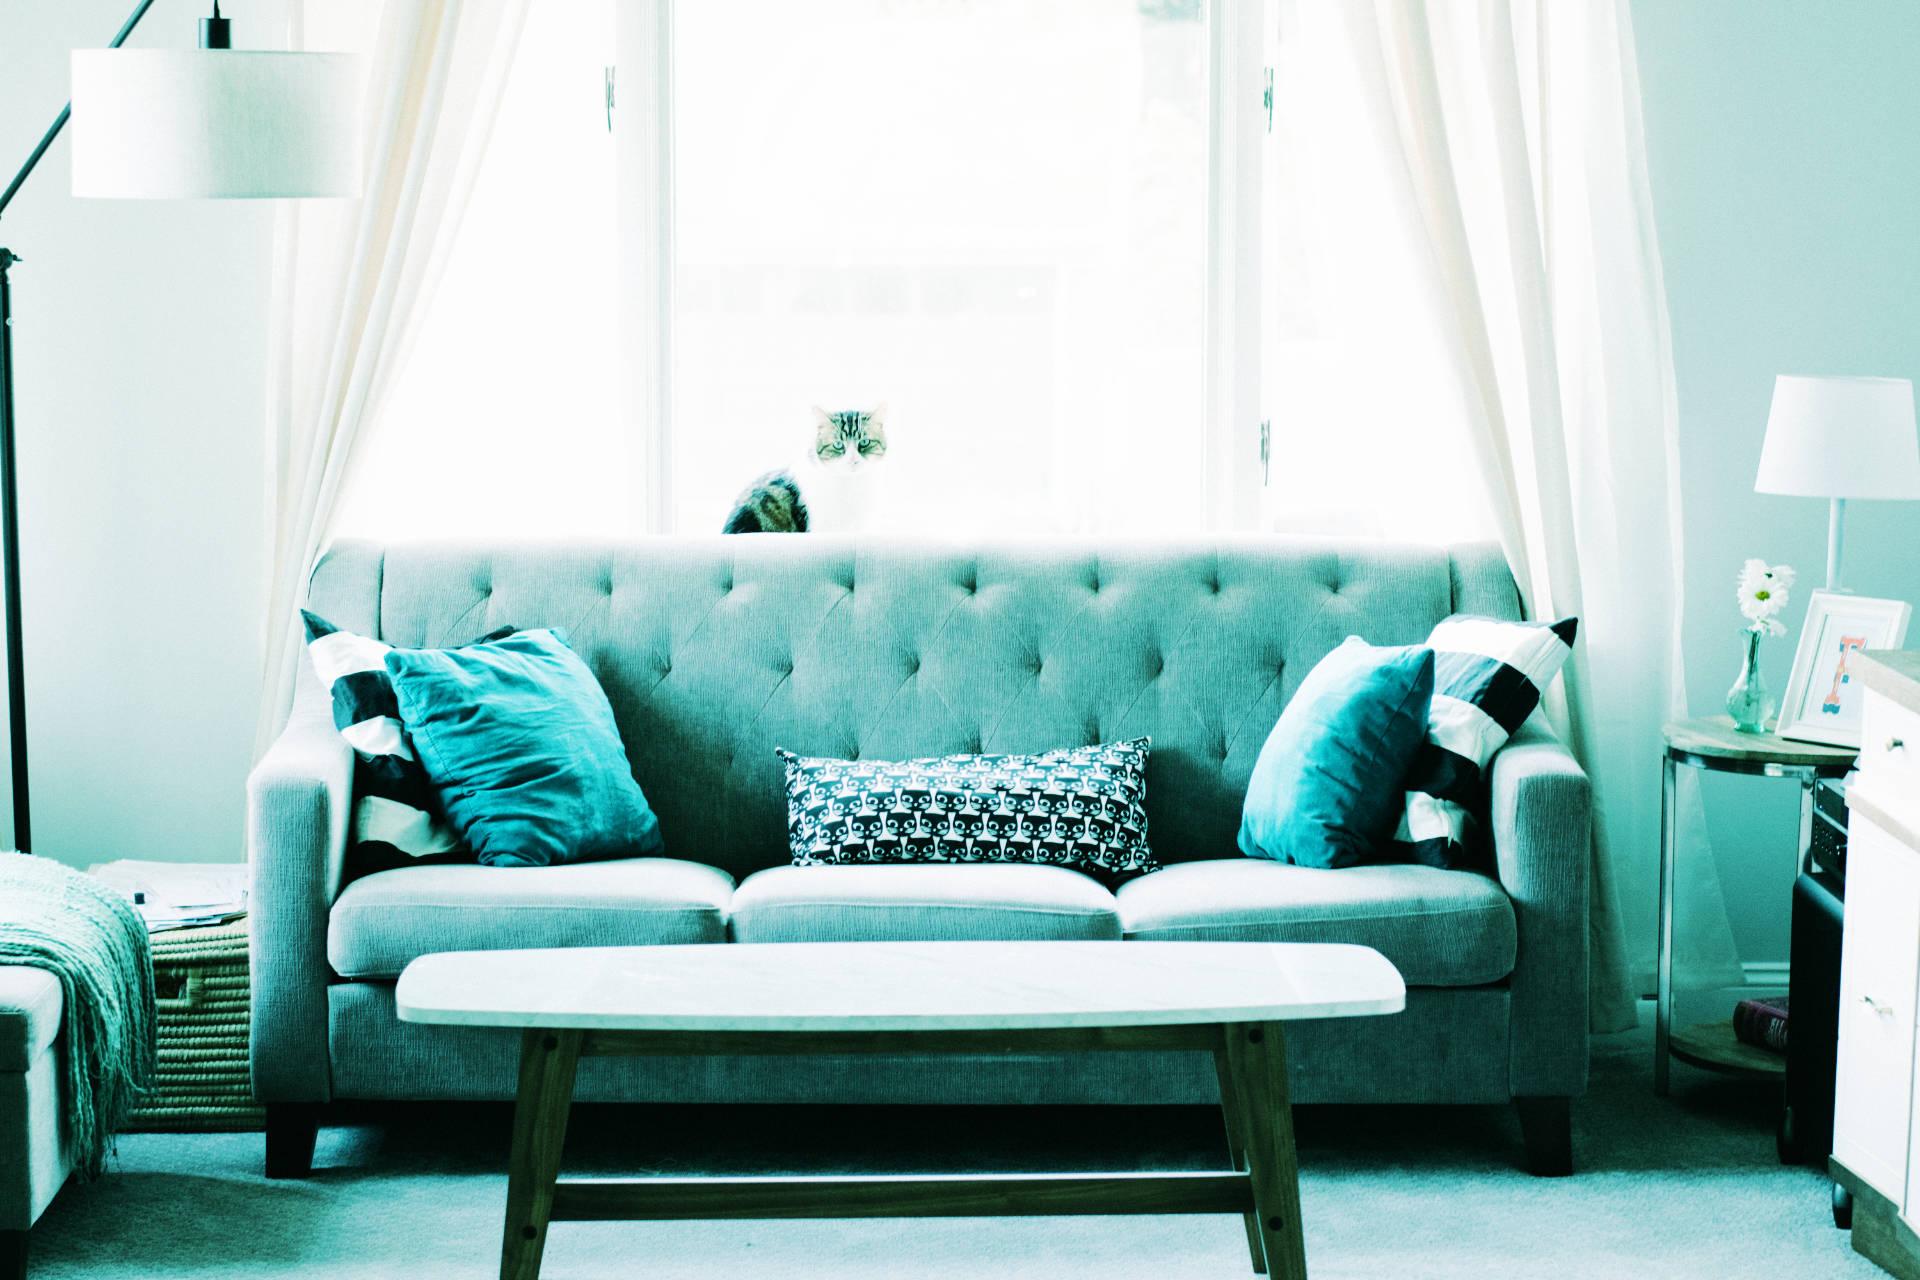 Full Size of Graue Couch Kombinieren Graues Sofa Grauer Teppich Wandfarbe Beiger Welcher Dekorieren Kissenfarbe Welche Gelbe Kissen Bunte Sofa Graues Sofa